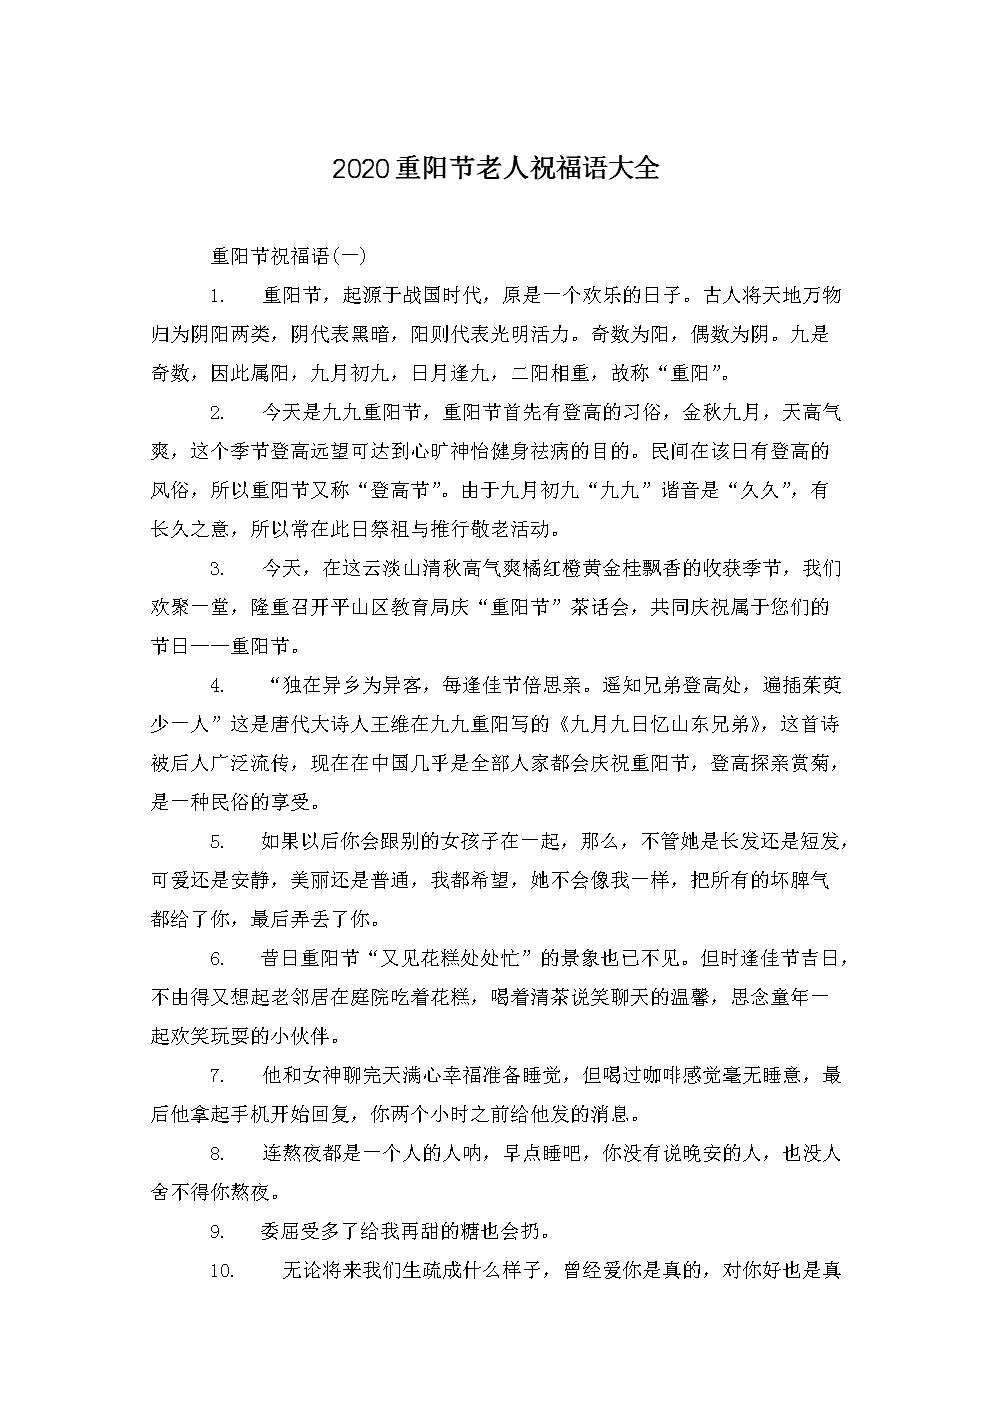 2020重阳节老人祝福语大全.doc